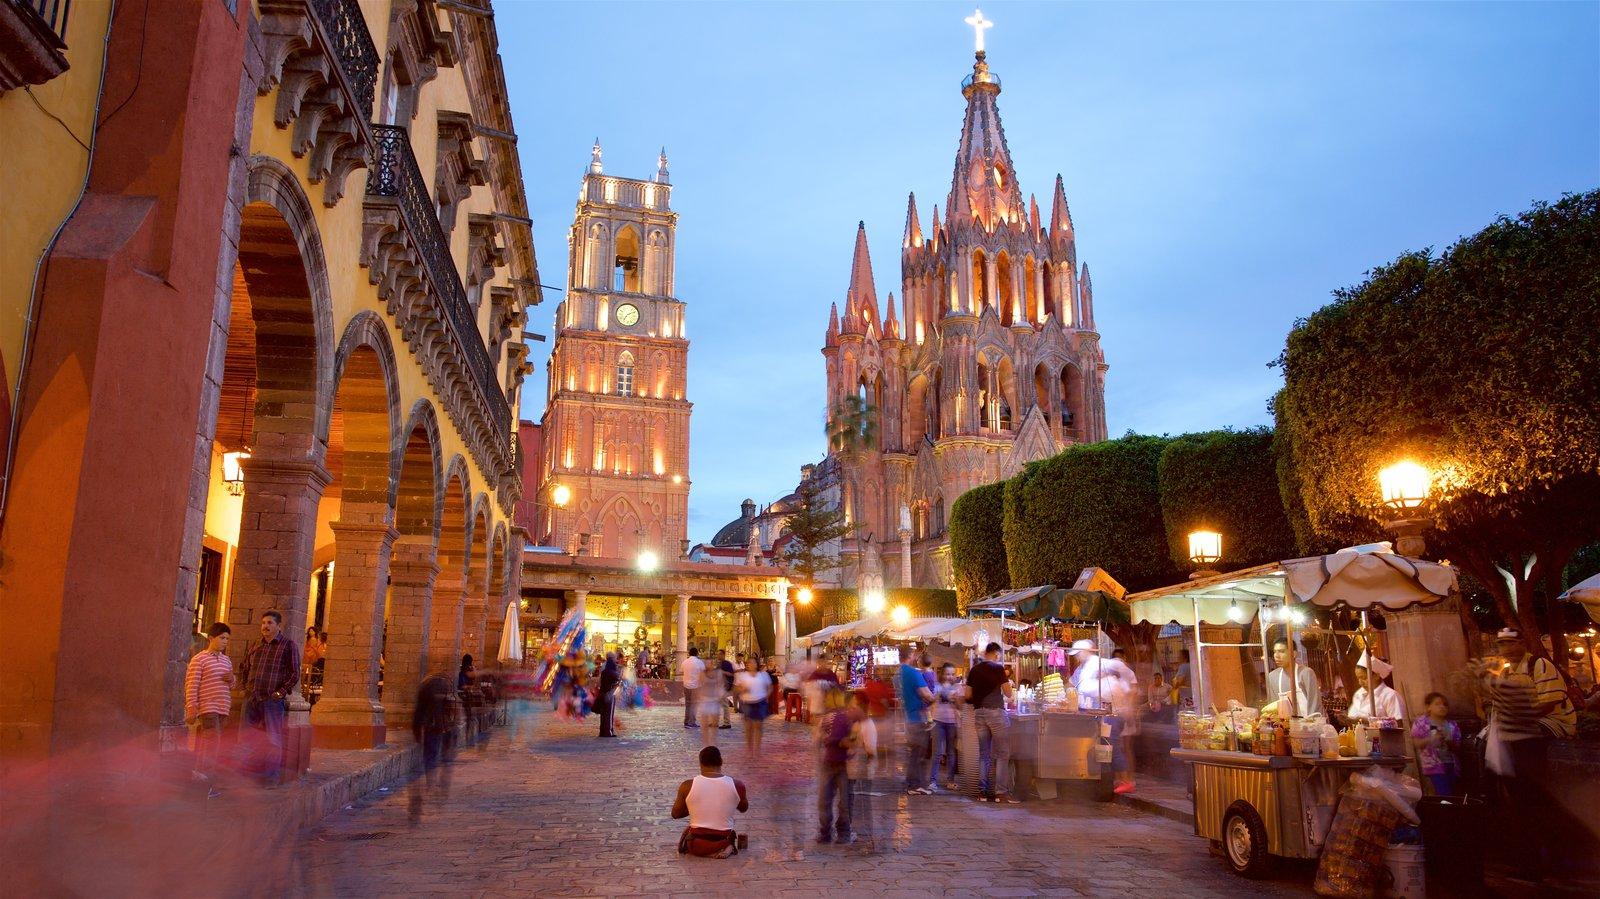 Igreja Paroquial de San Miguel Arcangel caracterizando arquitetura de patrimônio e uma igreja ou catedral